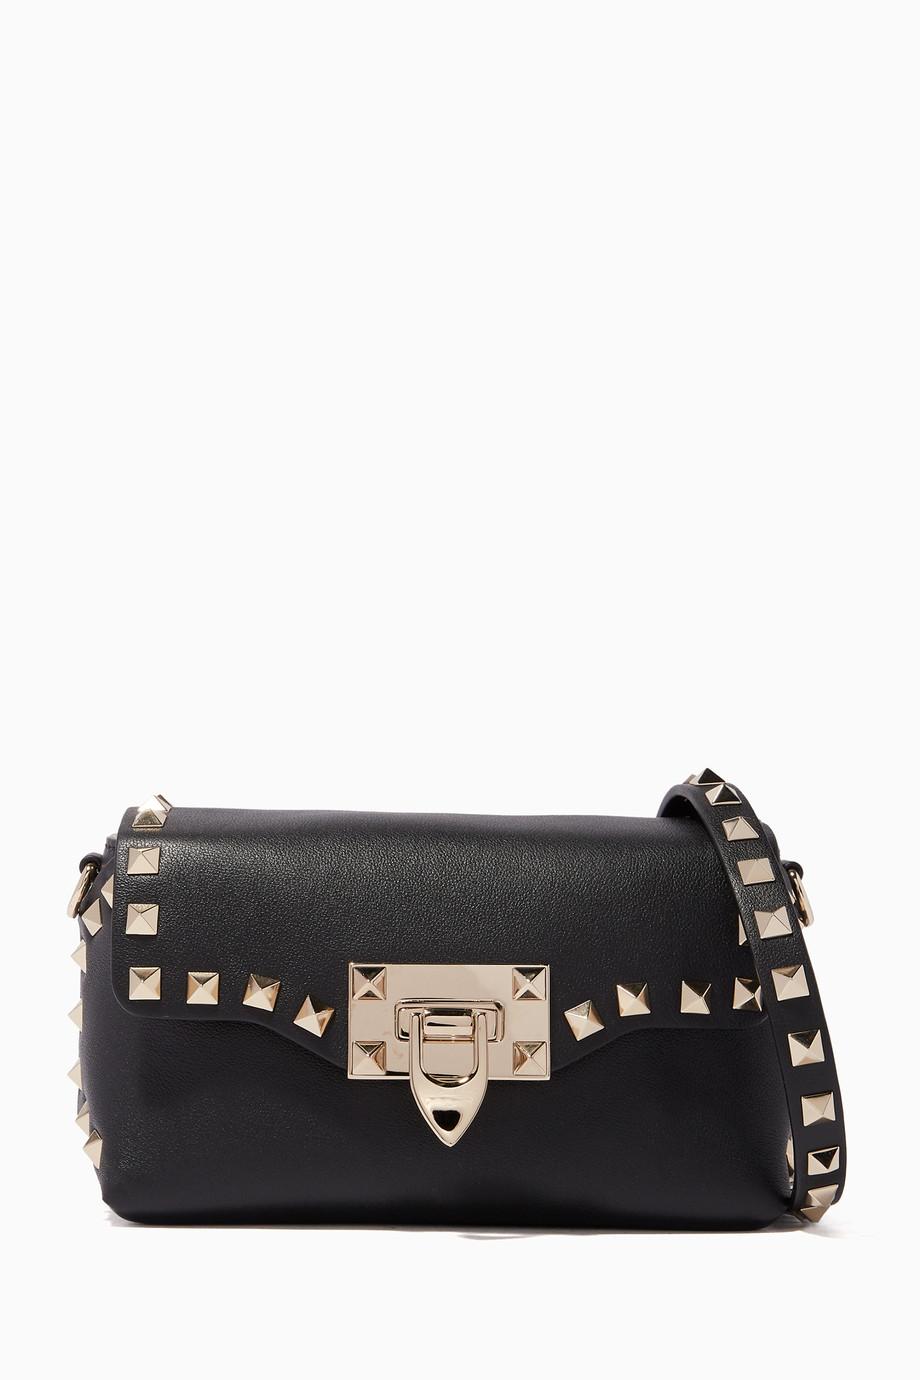 dd2e8a906b024 تسوق حقيبة كروس صغير بحلي هرمية سوداء فالنتينو أسود للنساء